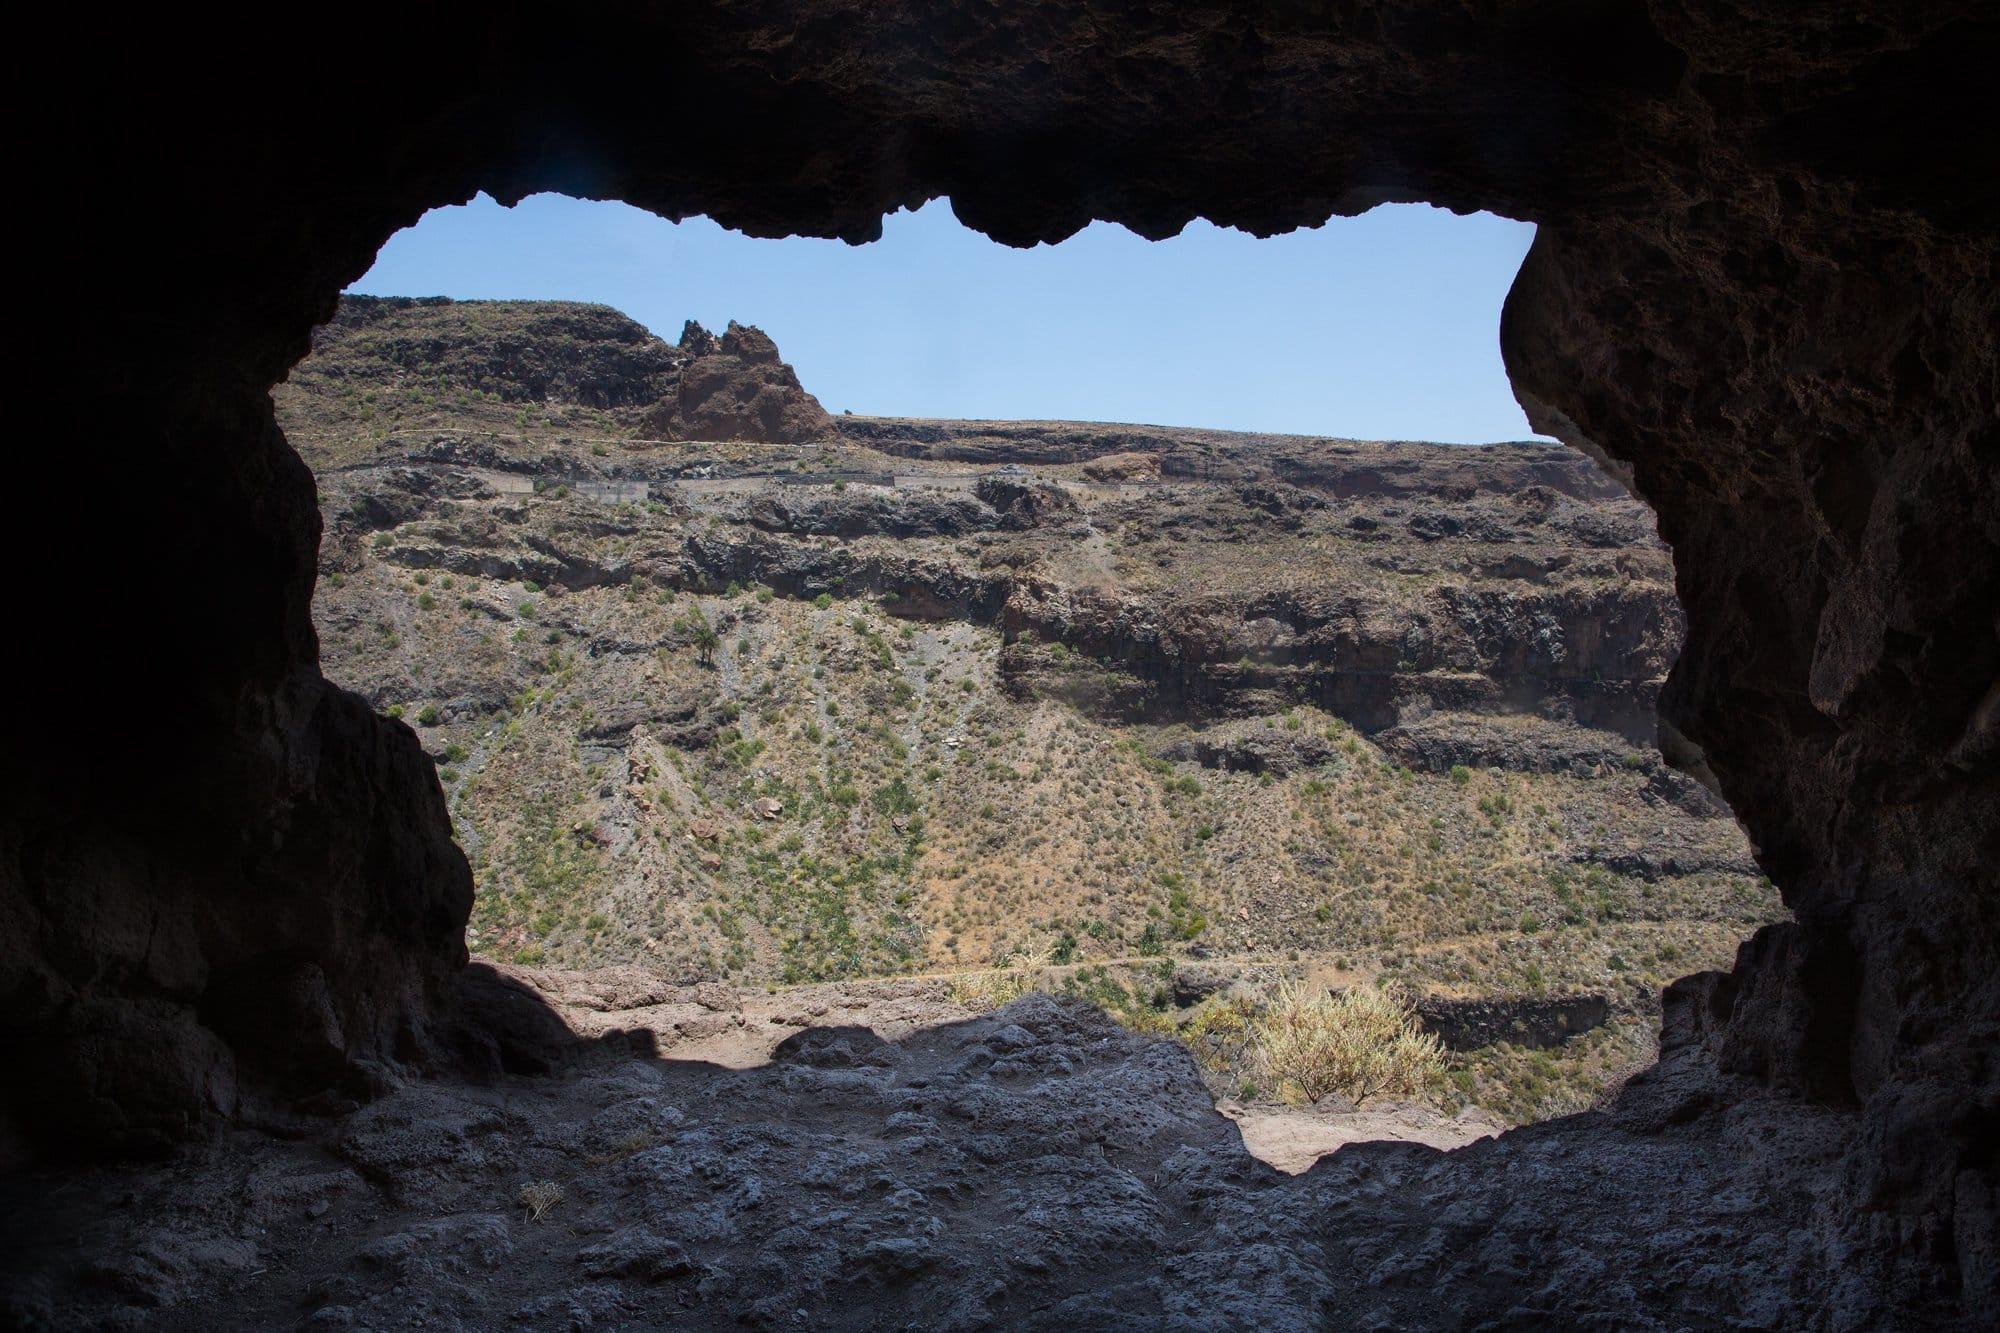 vue depuis l'intérieur d'une grotte